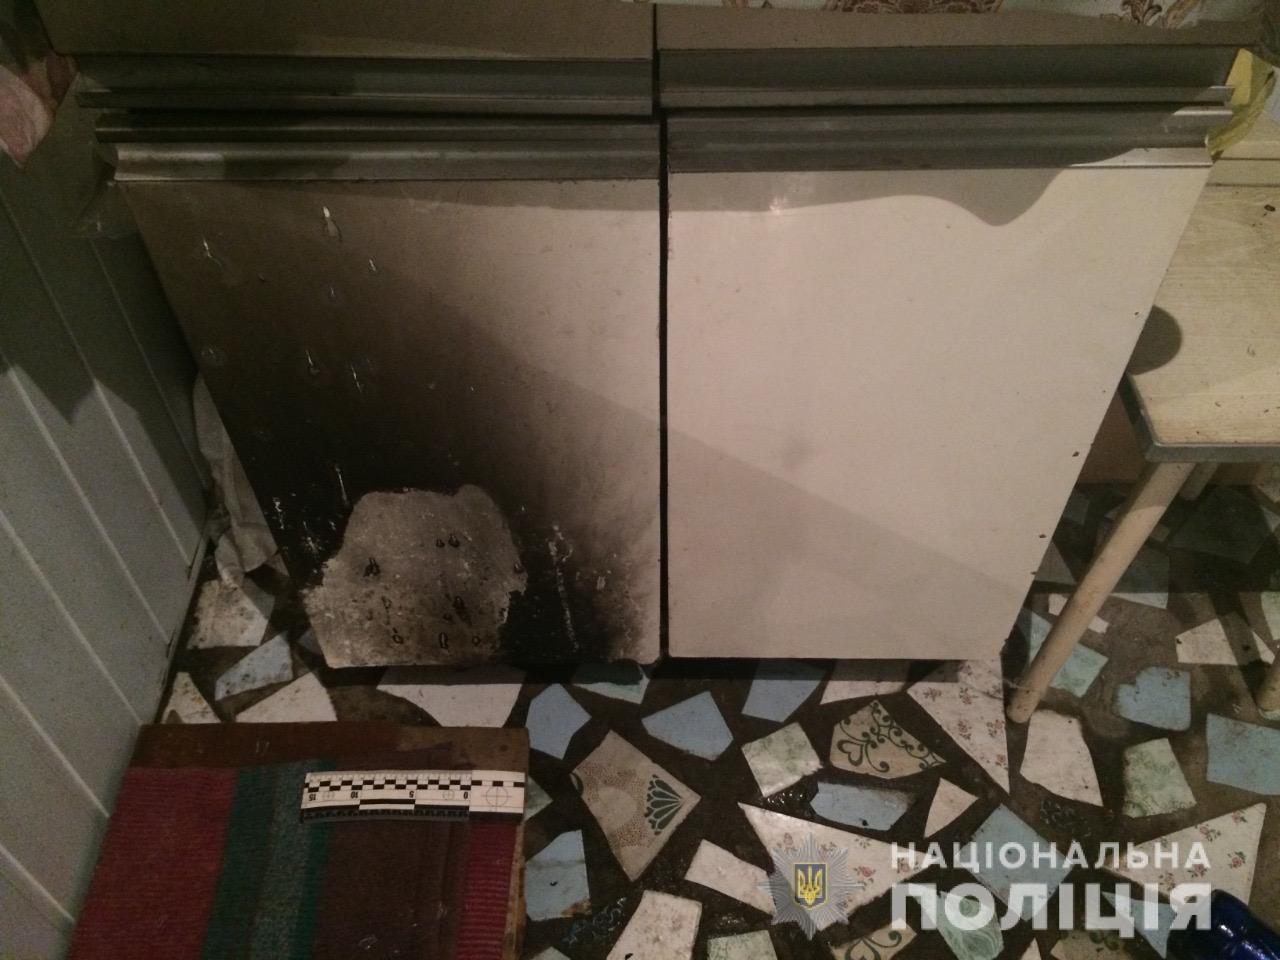 В Харькове неизвестные забросали «коктейлями Молотова» балкон местной жительницы, - ФОТО, фото-2